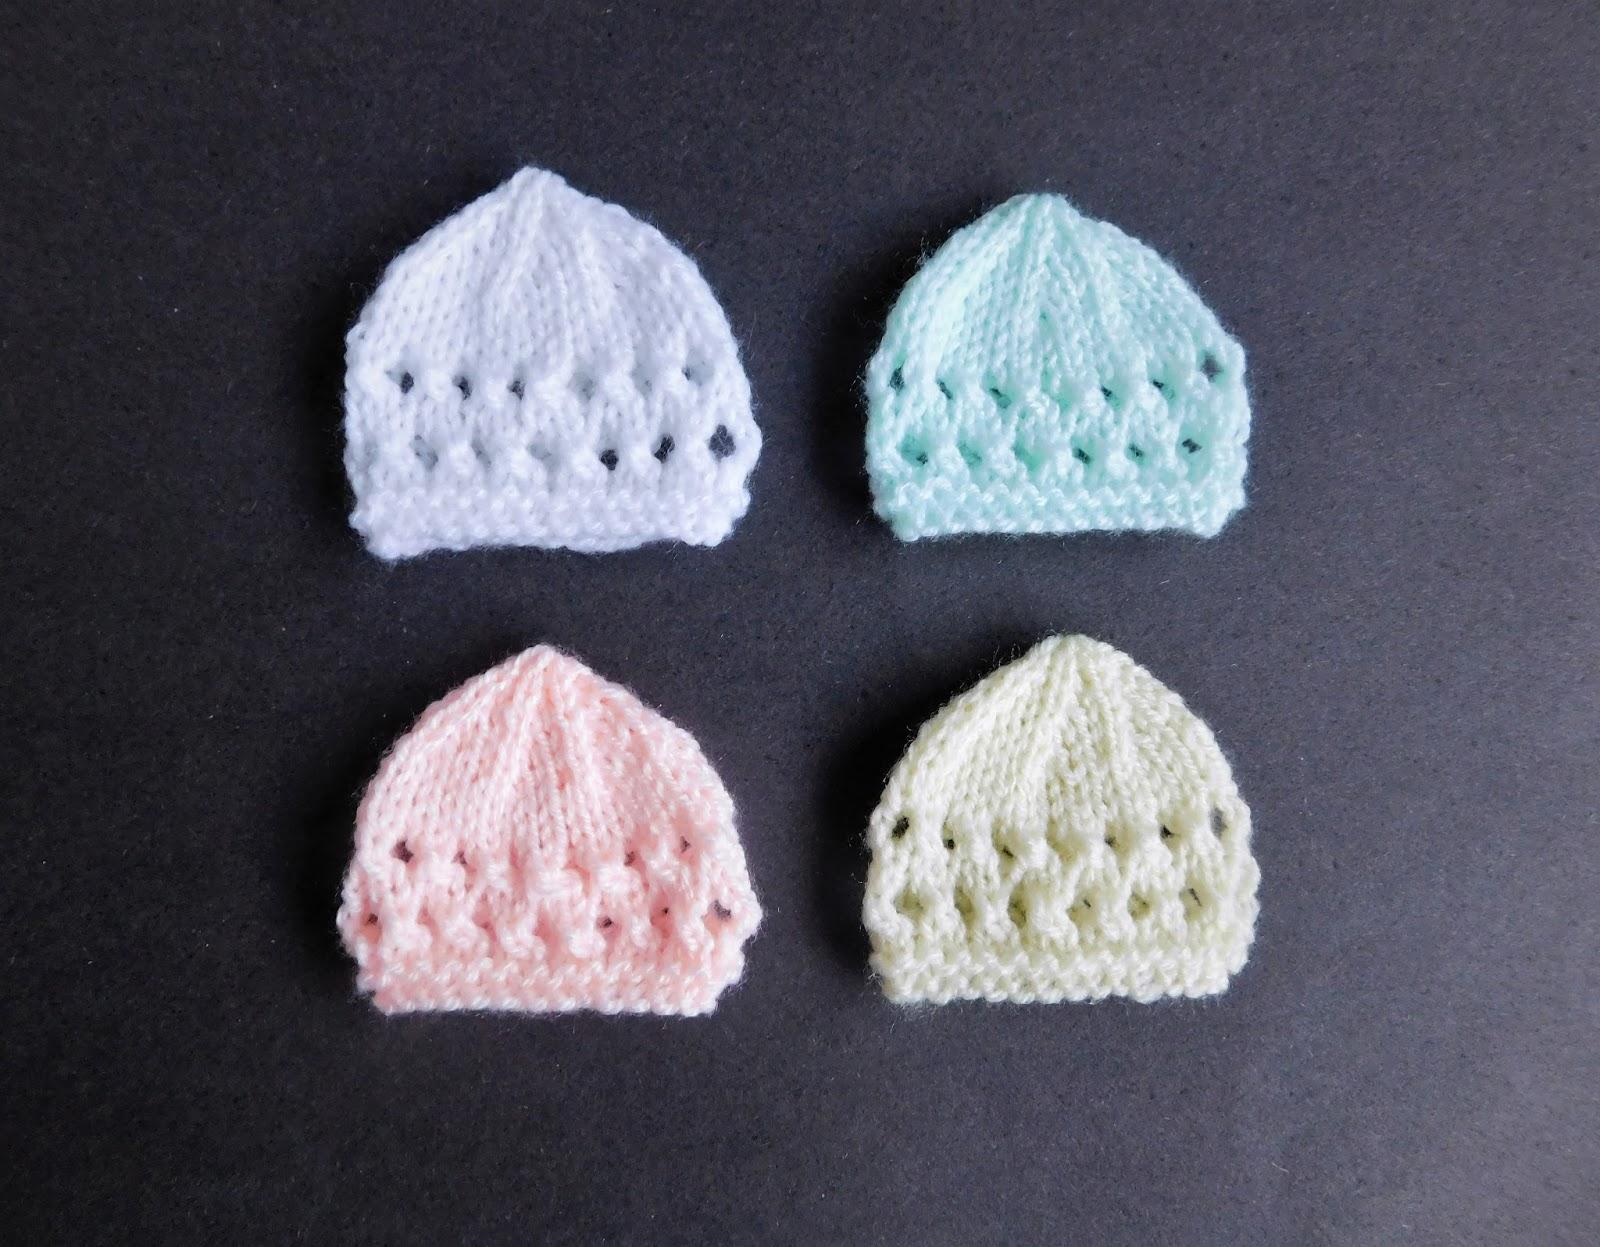 Marianna\'s Lazy Daisy Days: Micro - Preemie Baby Hats